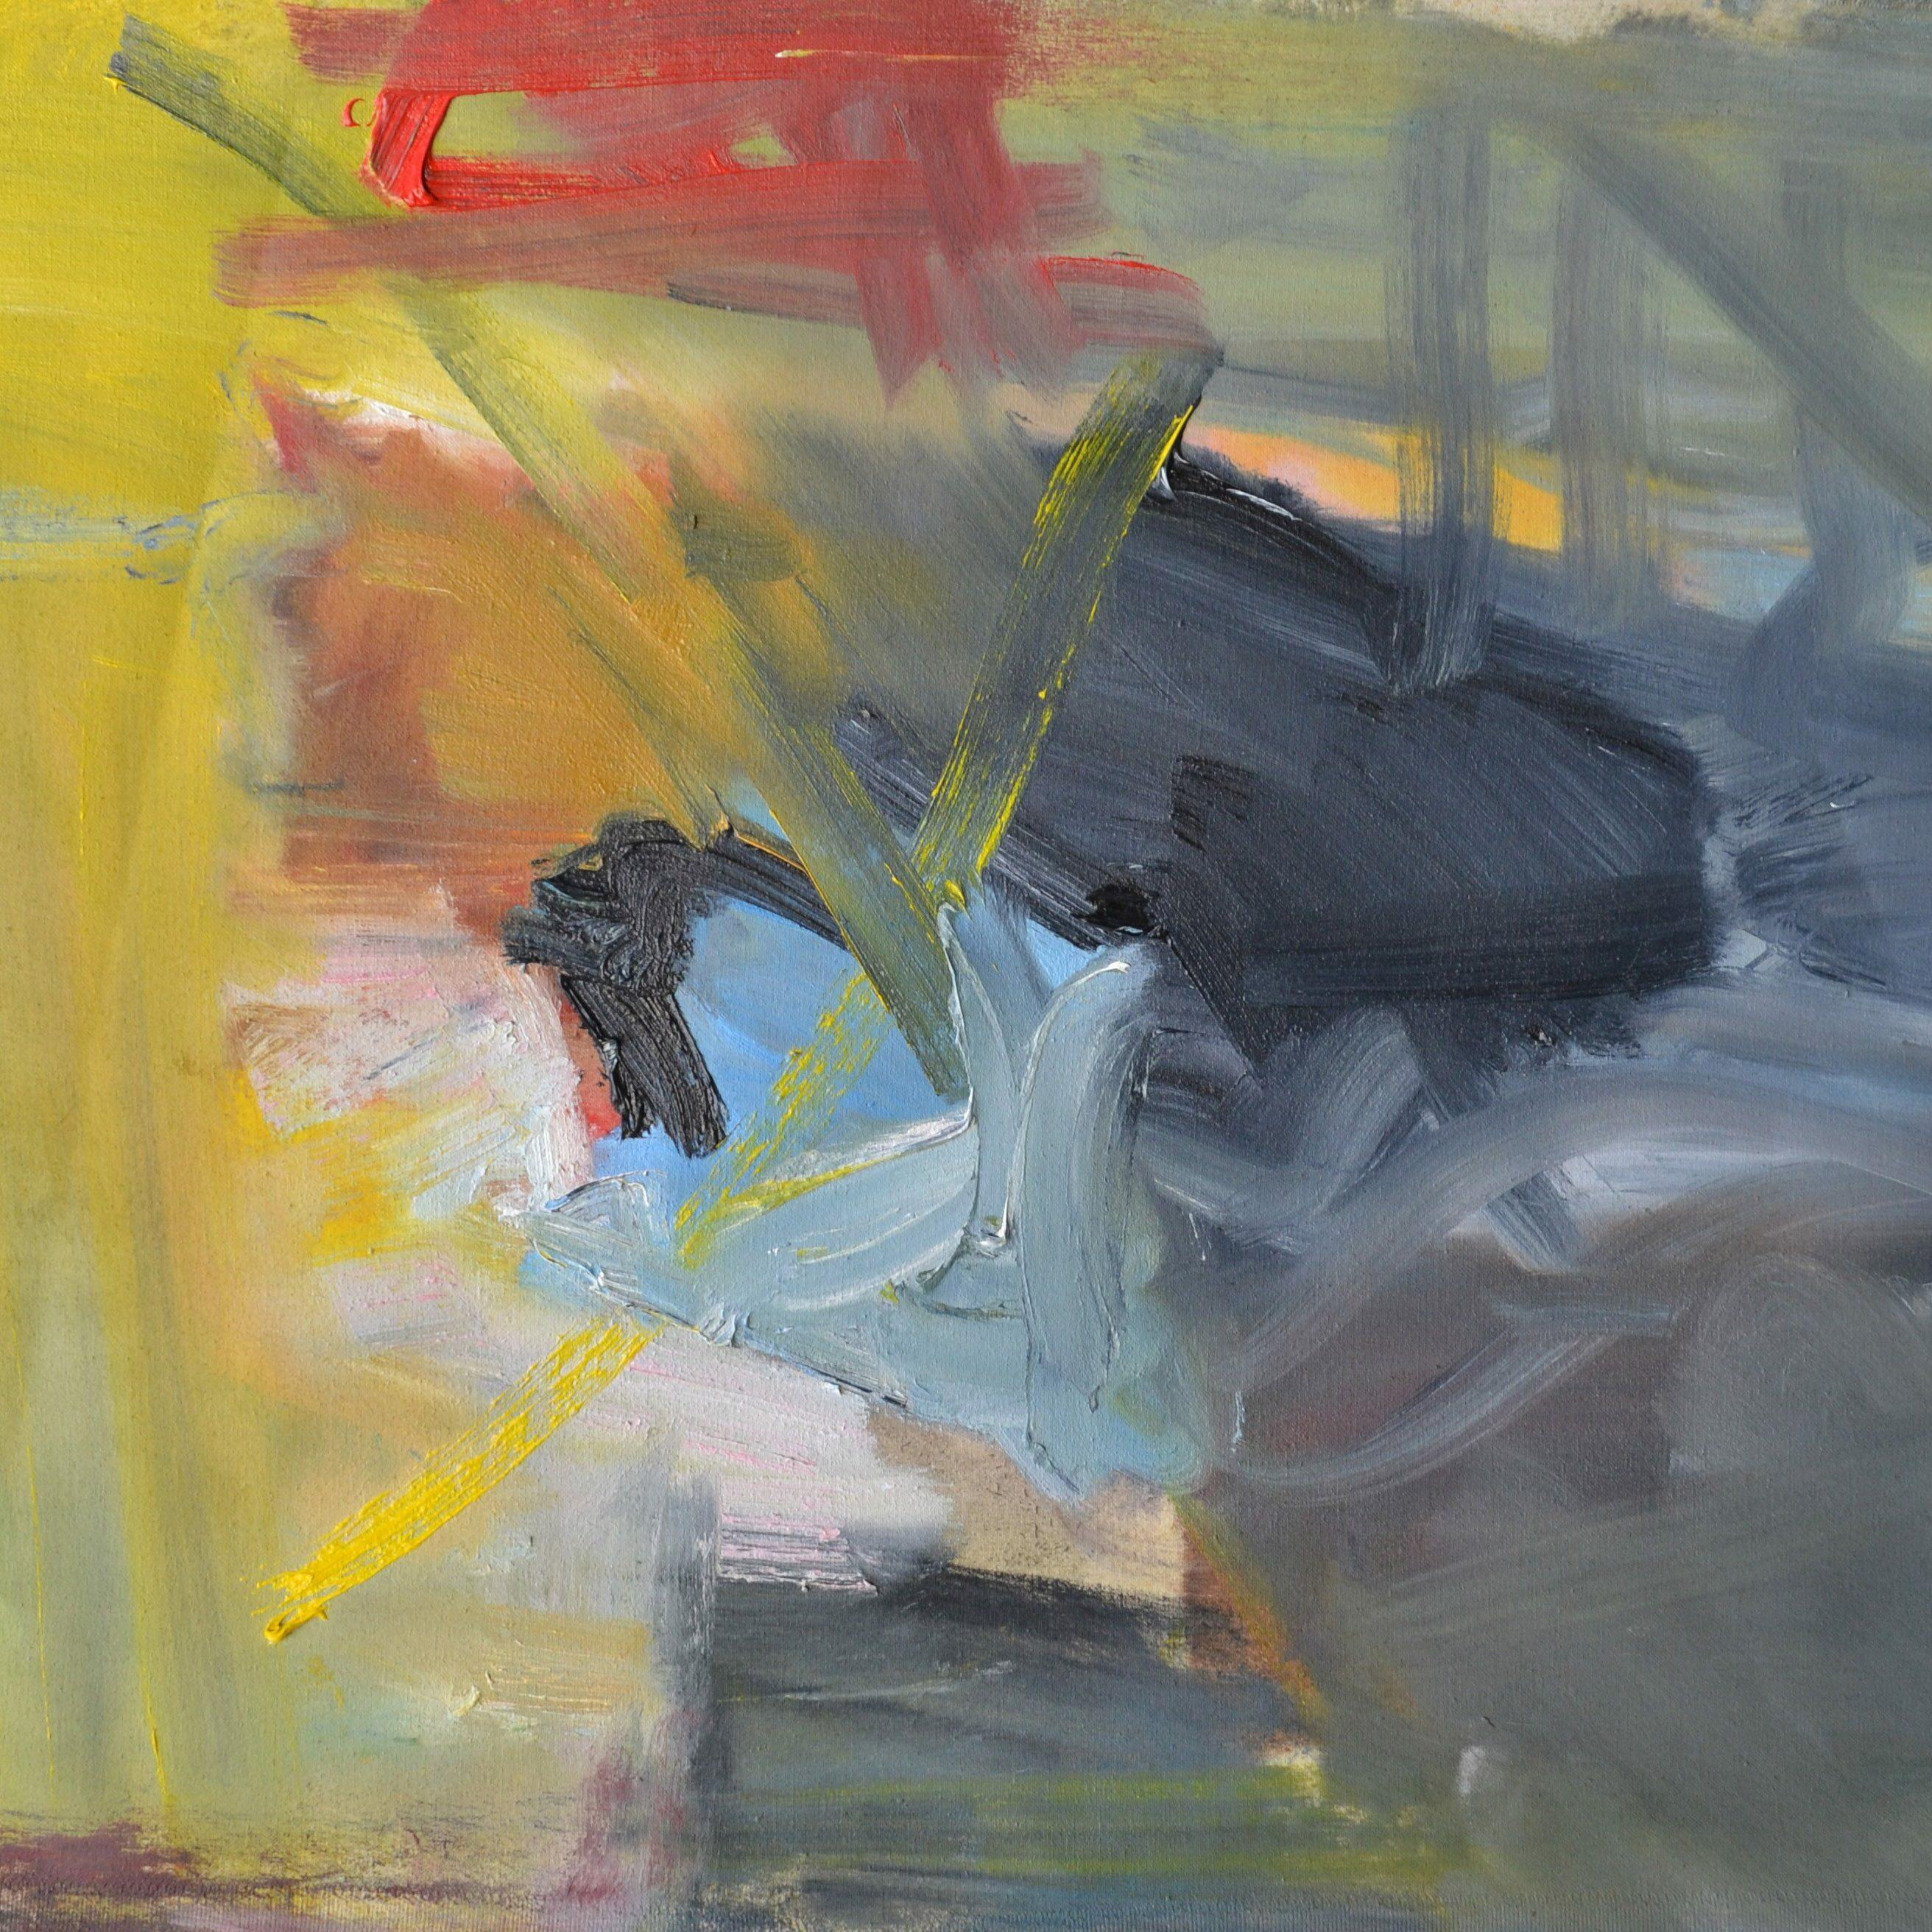 Studio 3, 2016, 45 x 30 cm, oil on canvas.